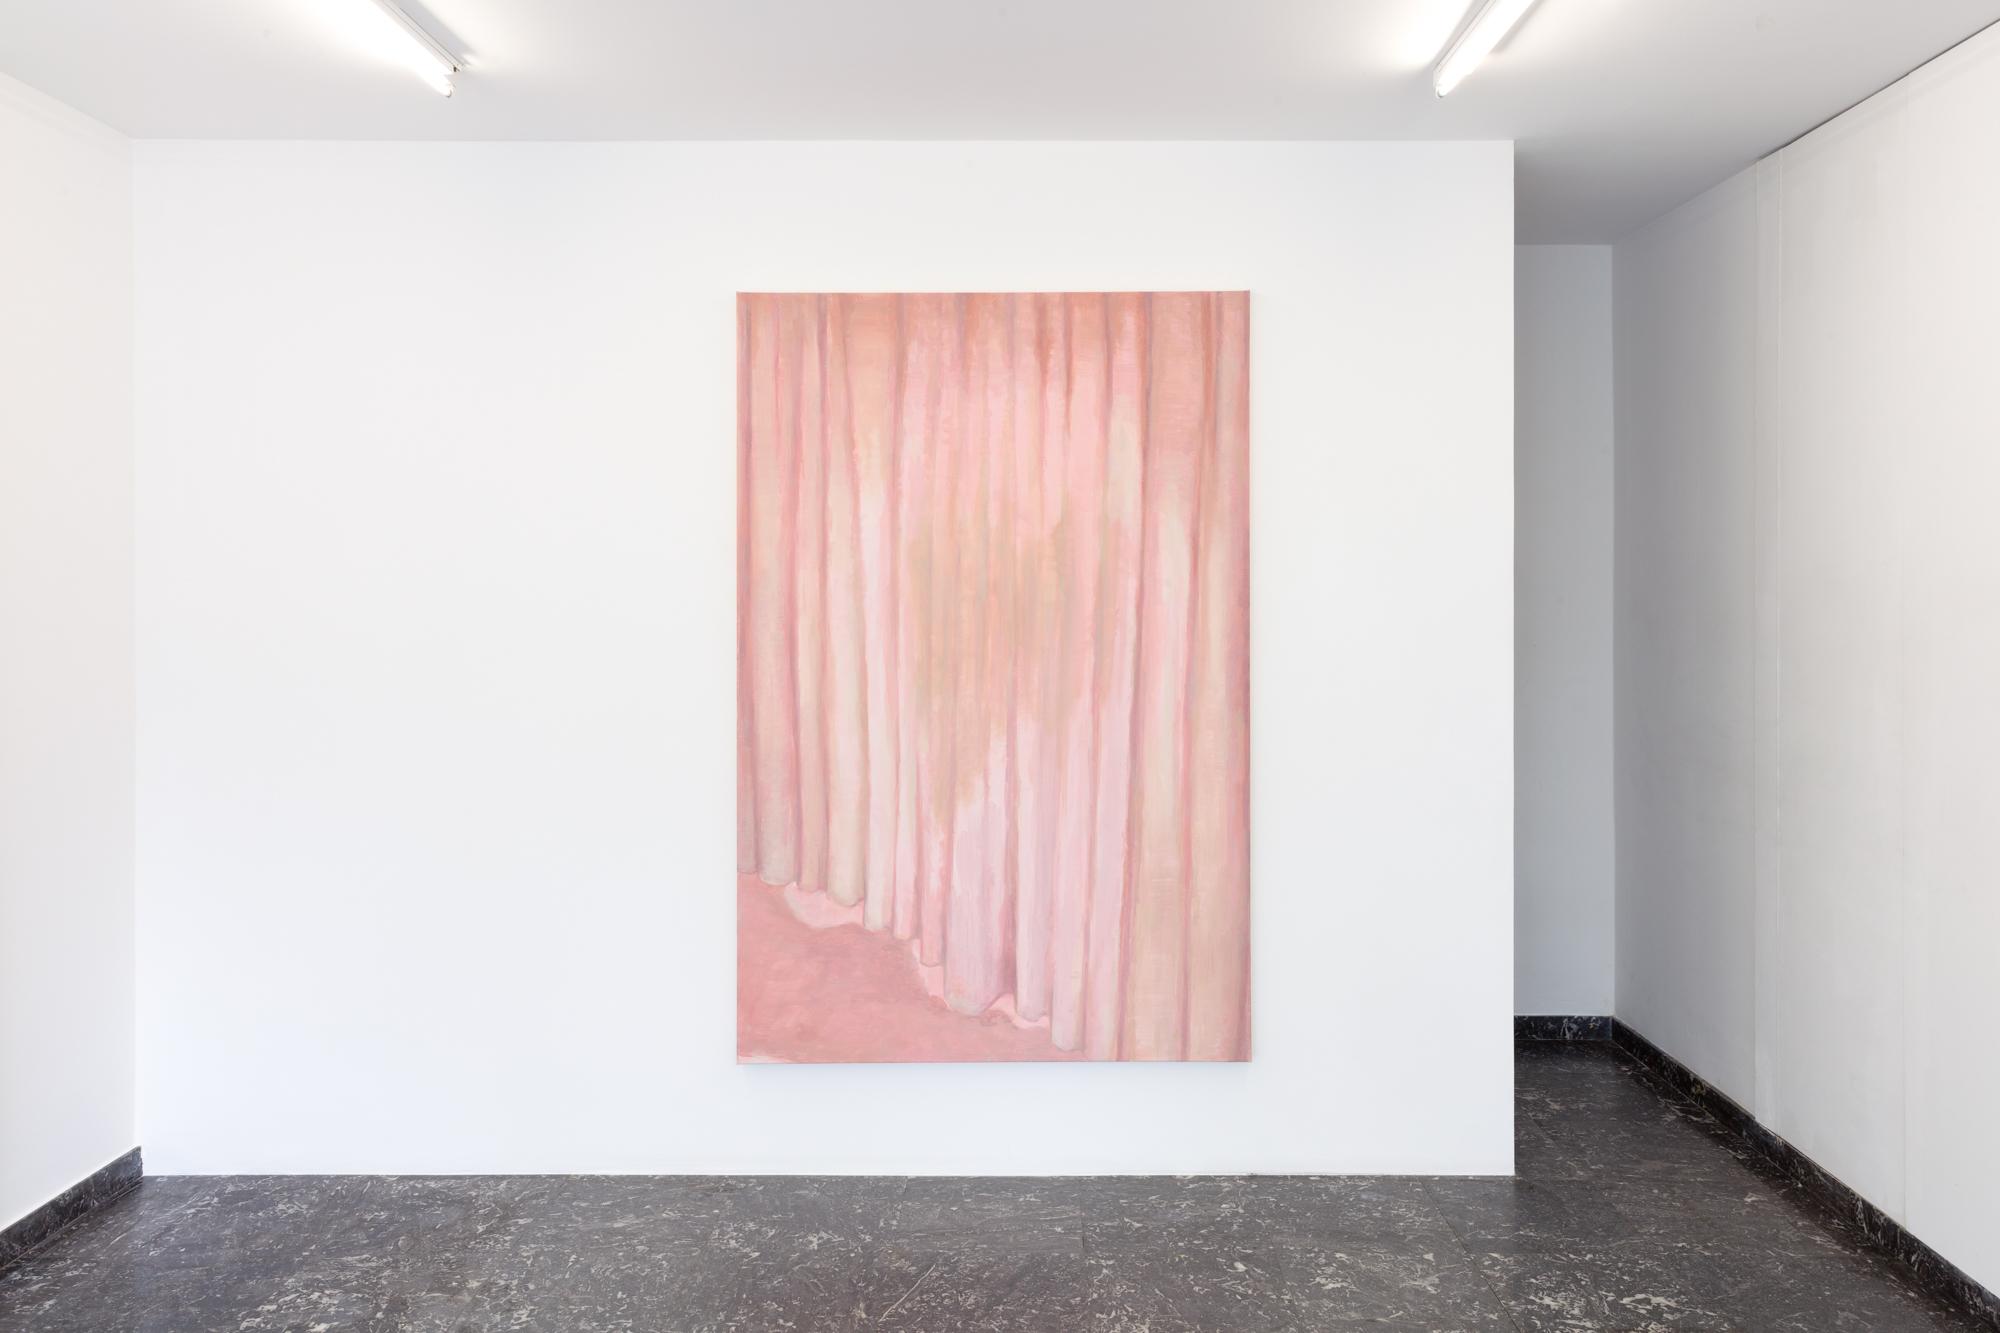 Guy Van Bossche, Gordijn, 2019-2020 Oil on canvas 180 x 119,7 cm, Photo by Pieter Huybrechts.